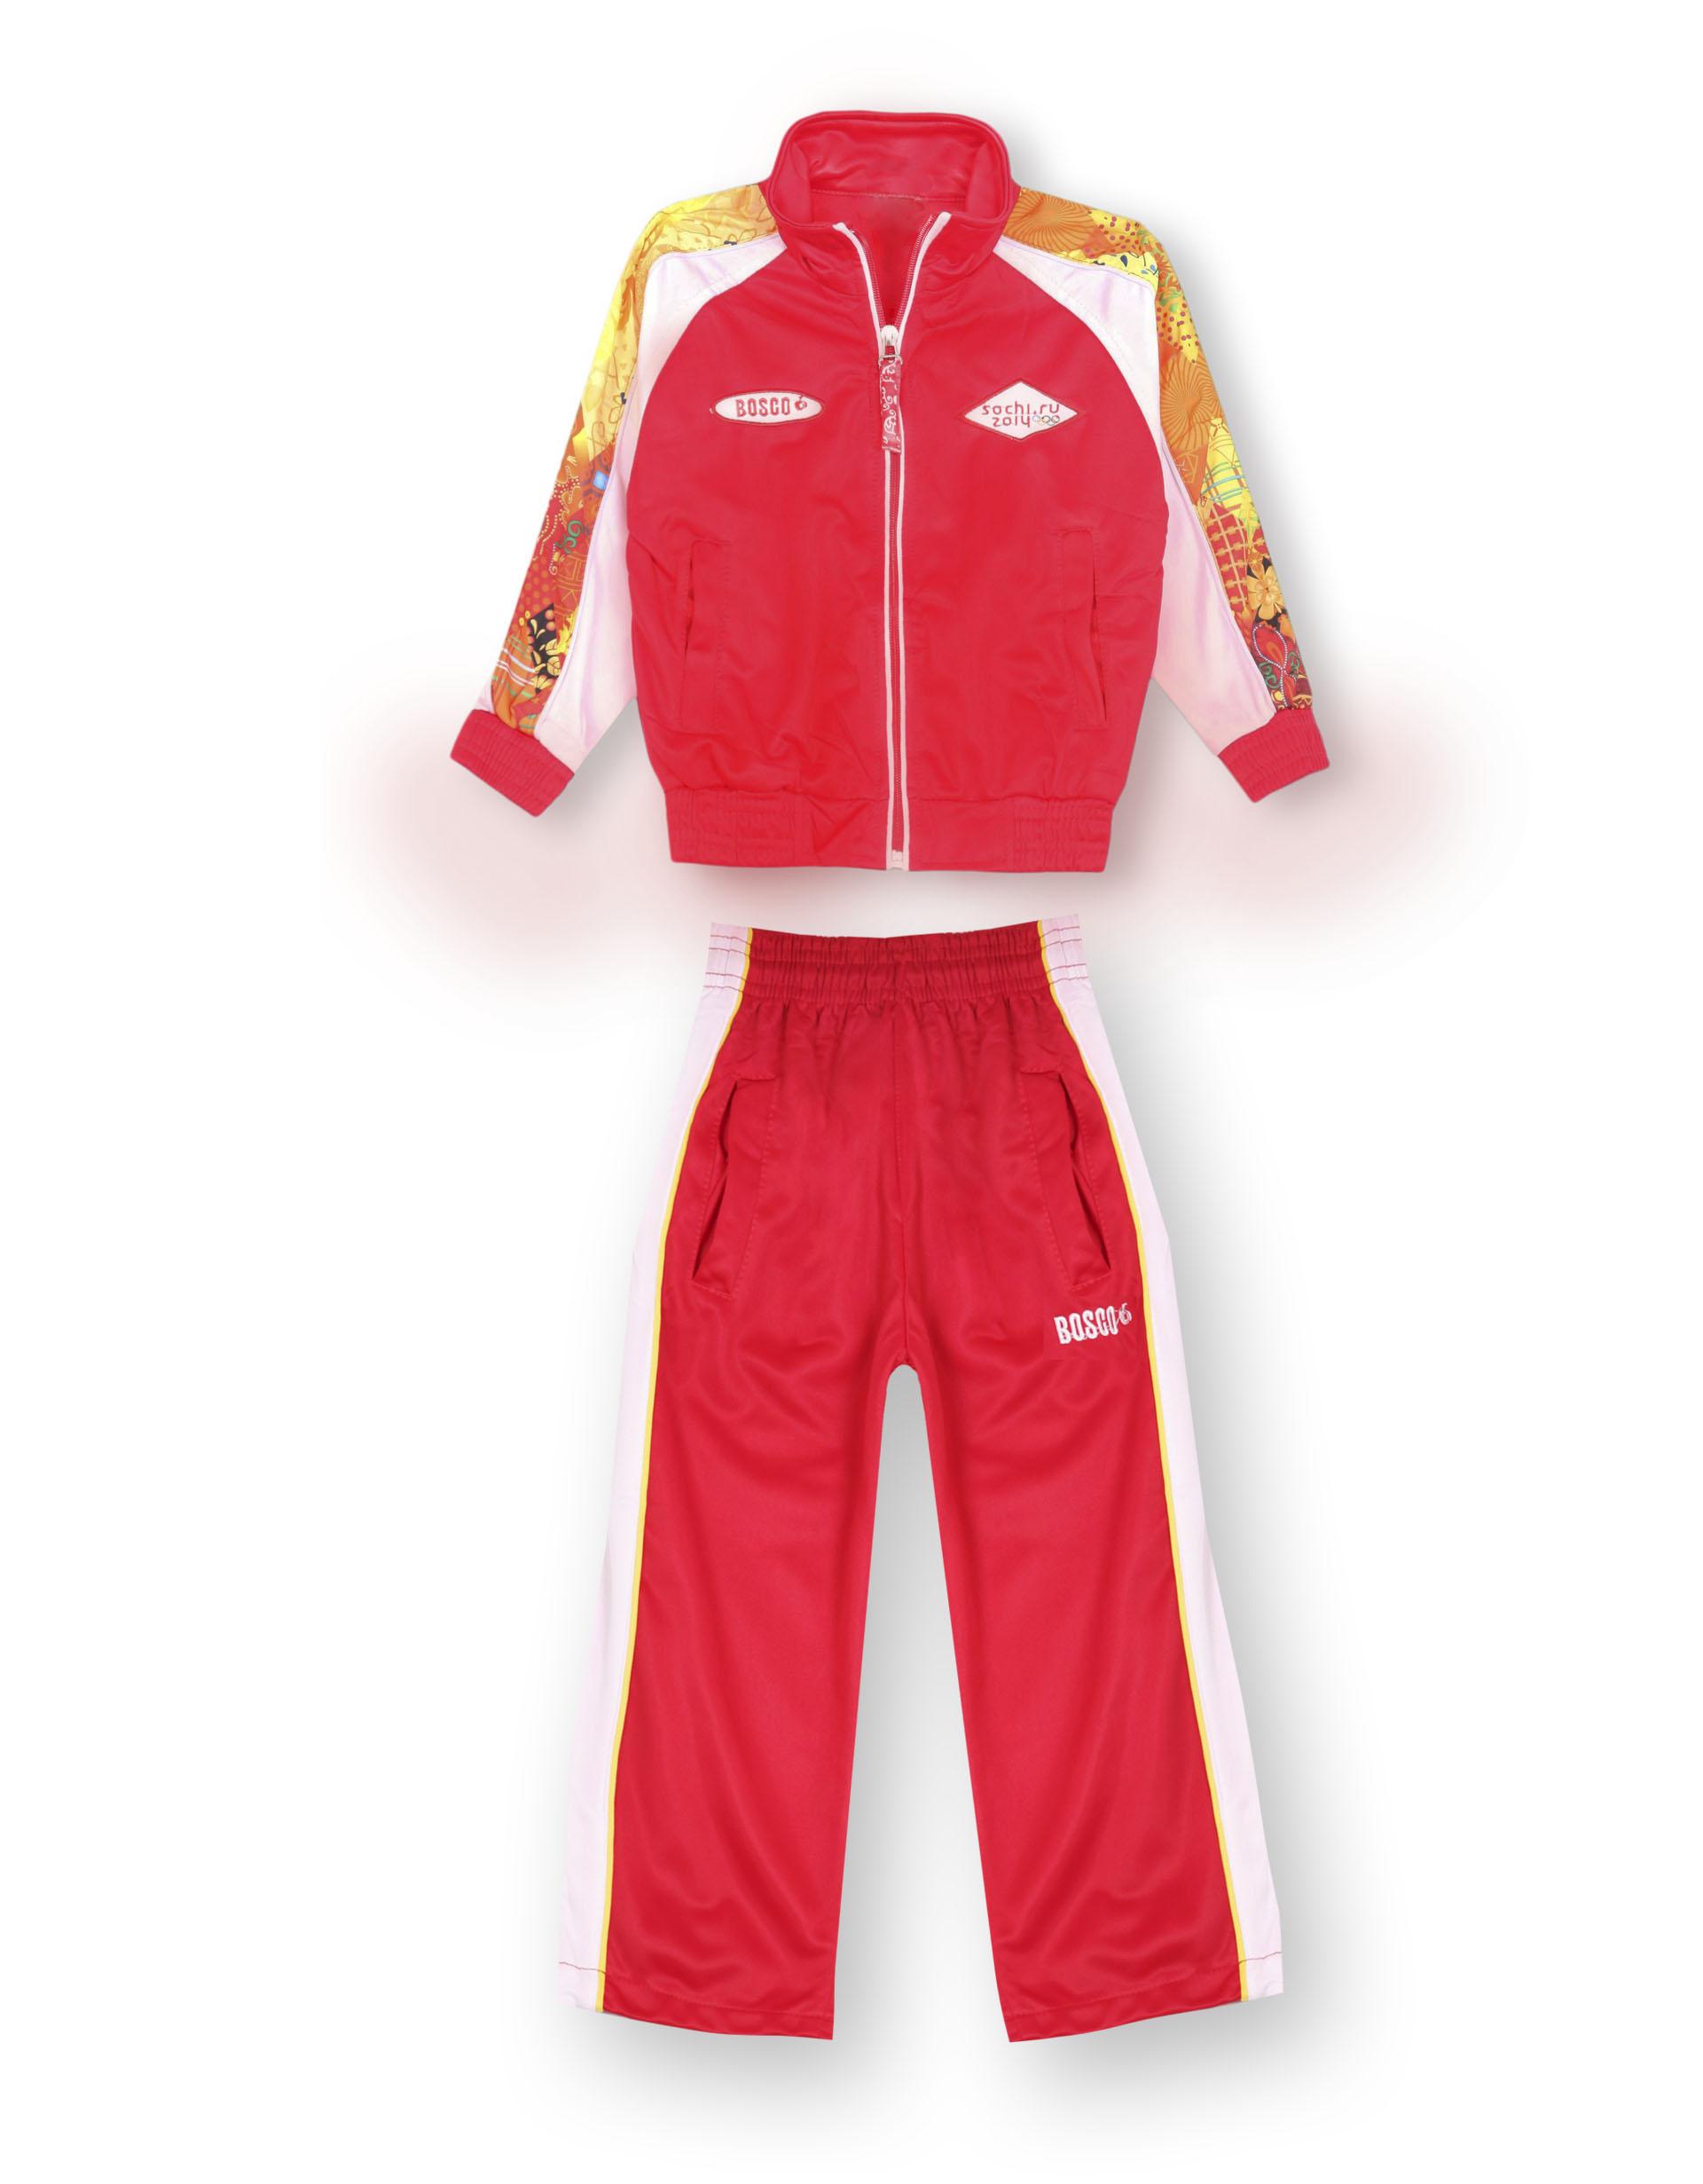 Боско спорт детские костюмы